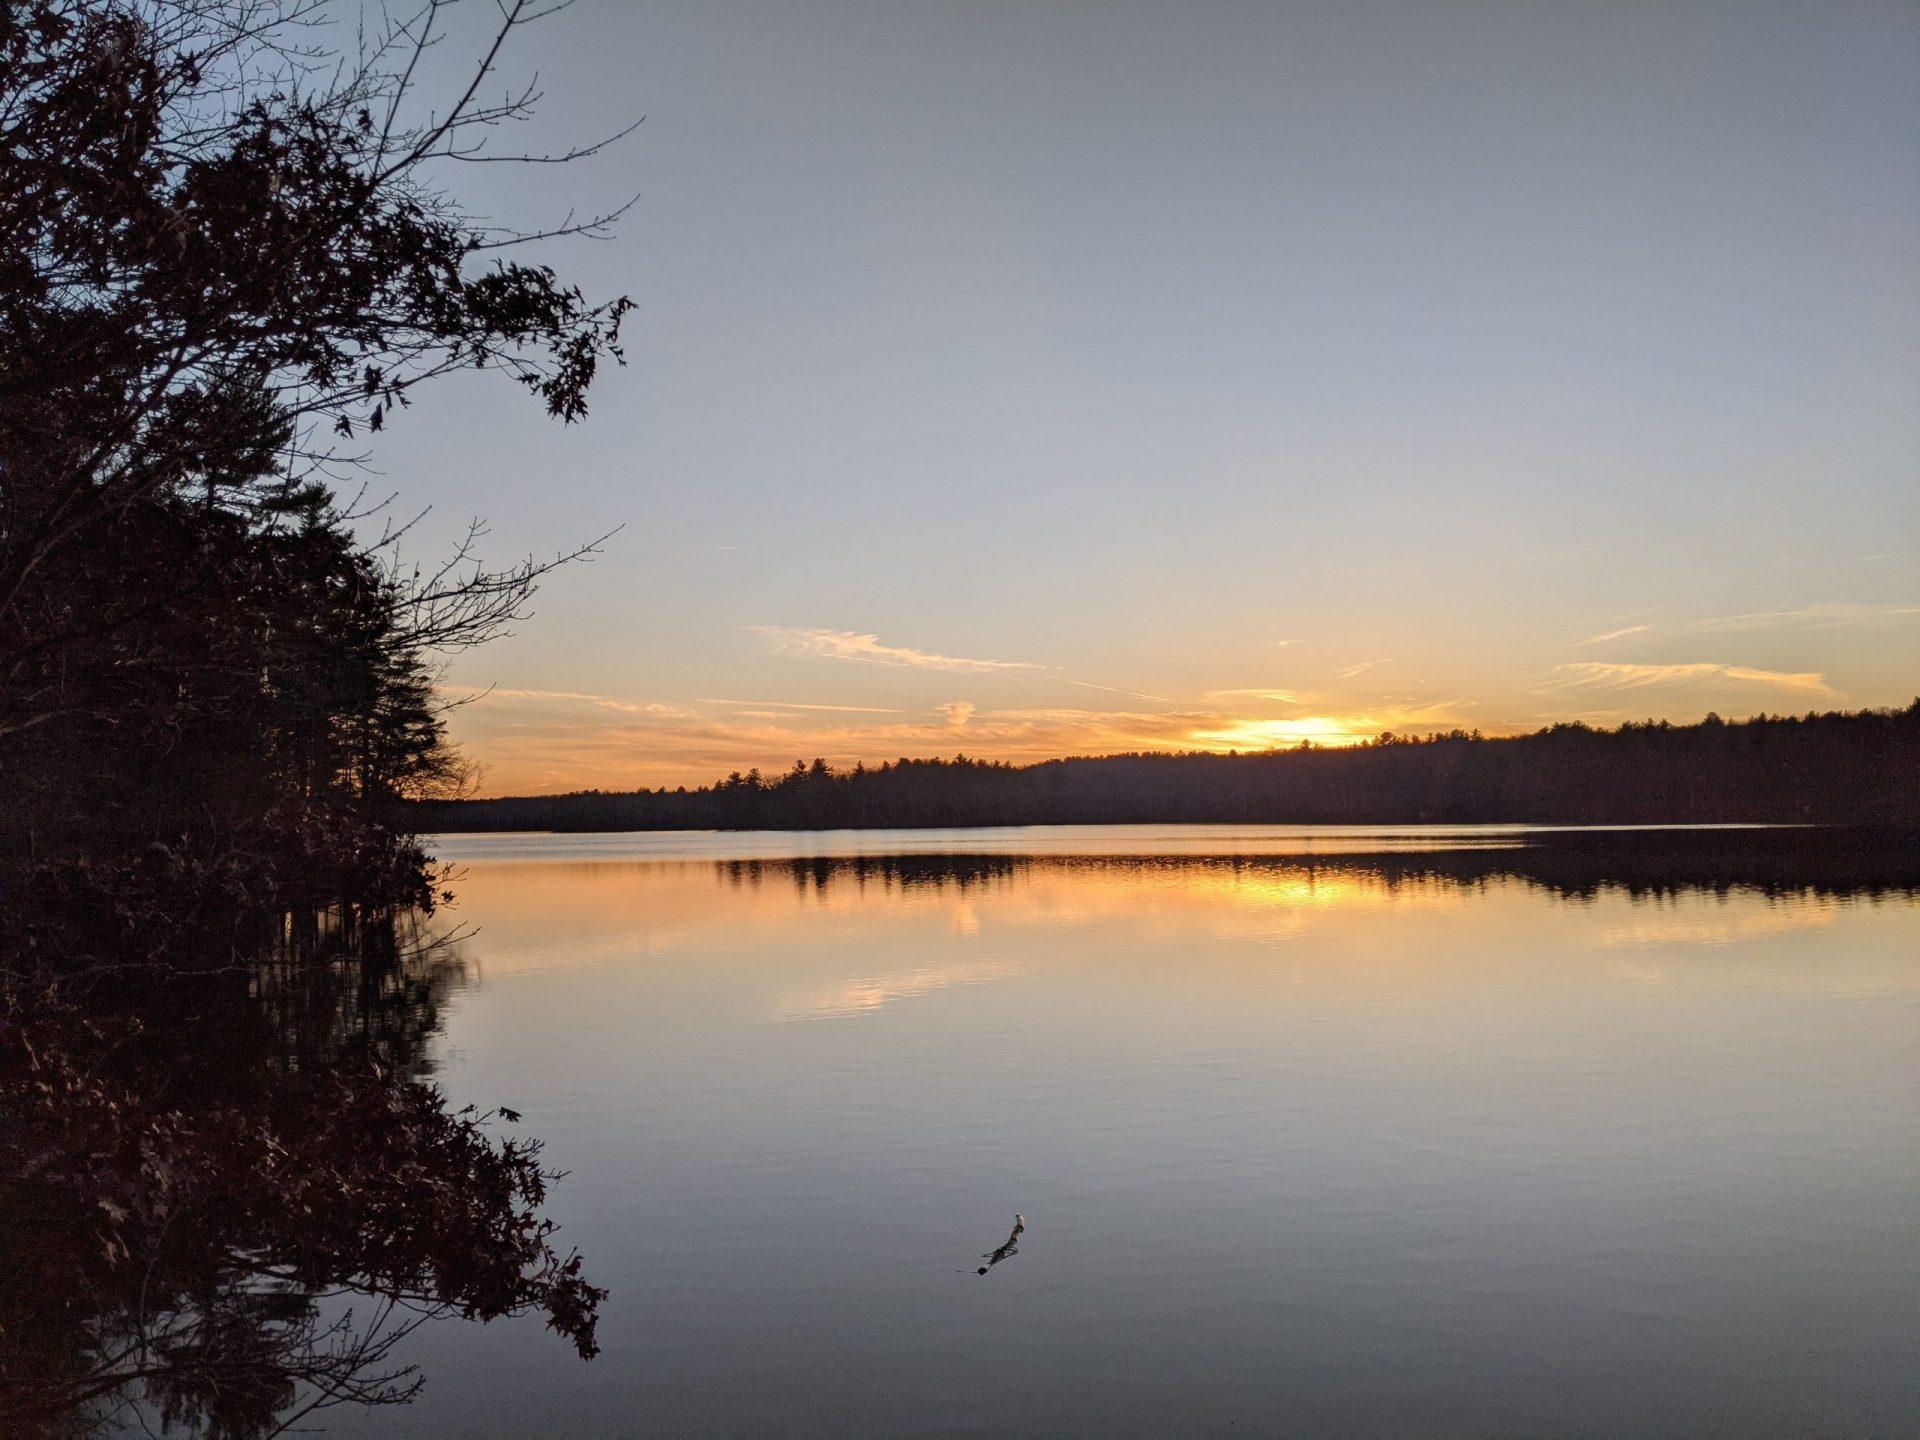 Nov 24, 2020 Ashland State Park